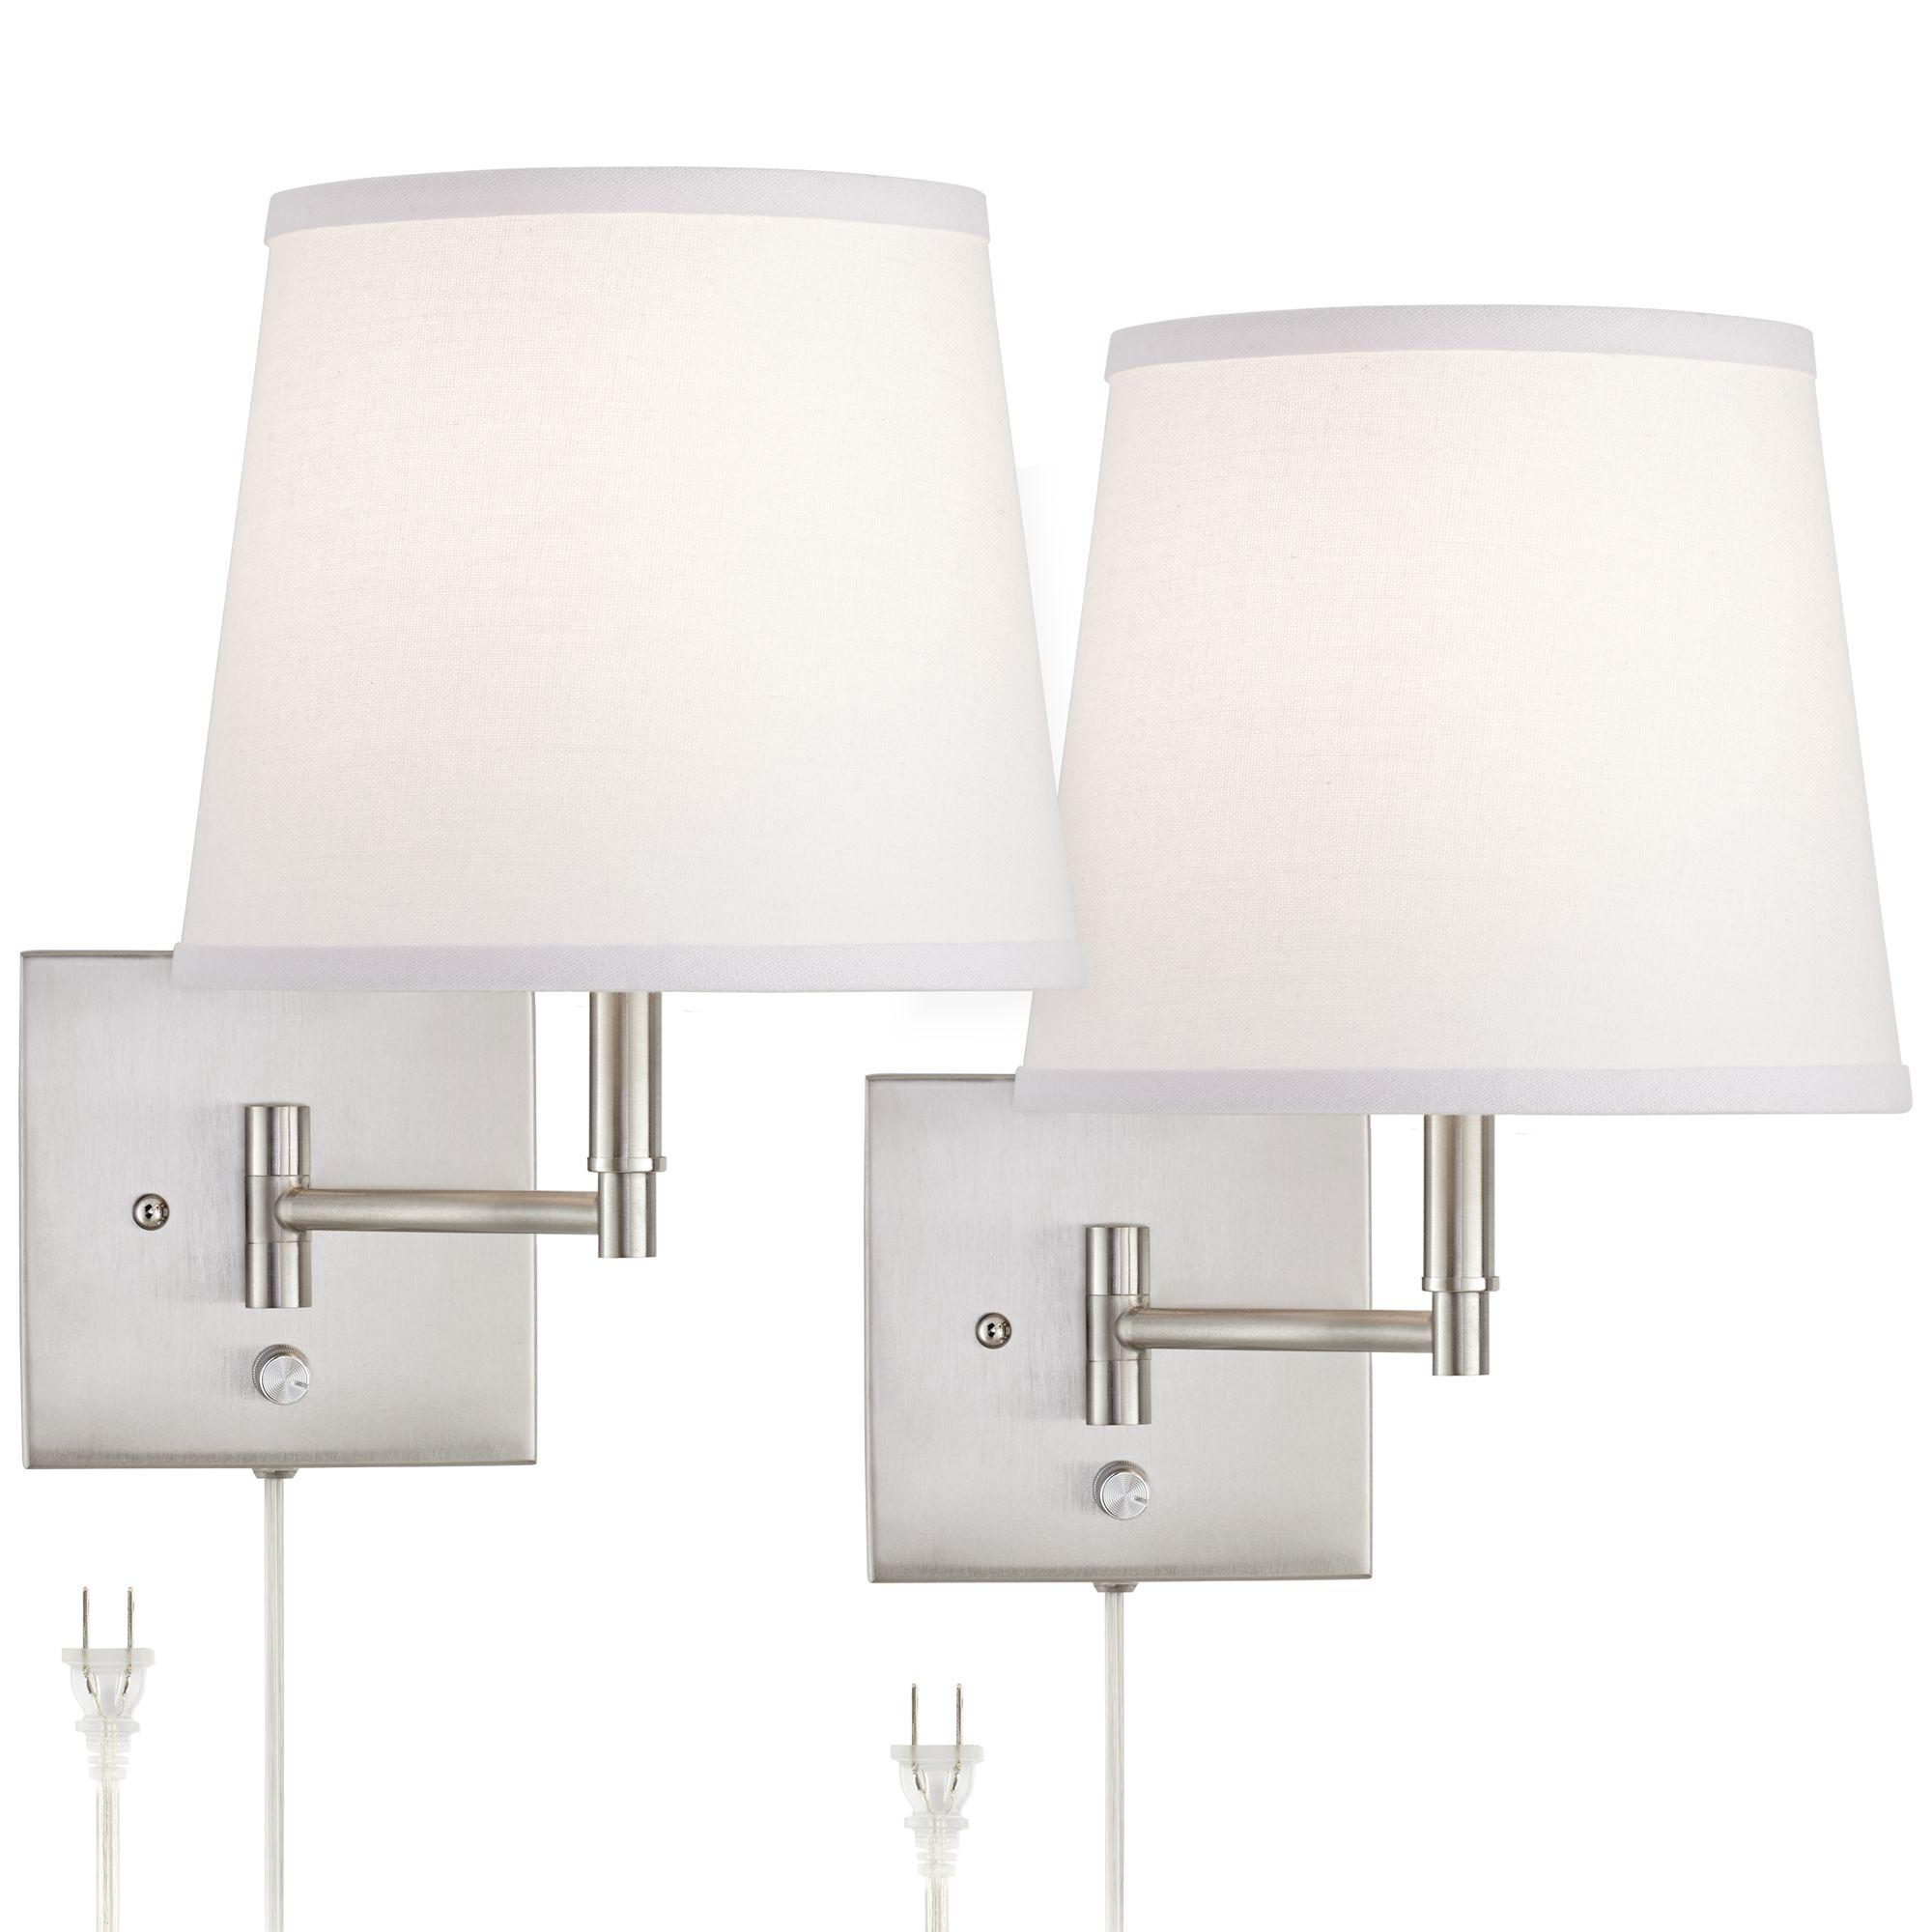 lanett brushed nickel swing arm plugin wall lamp set of 2